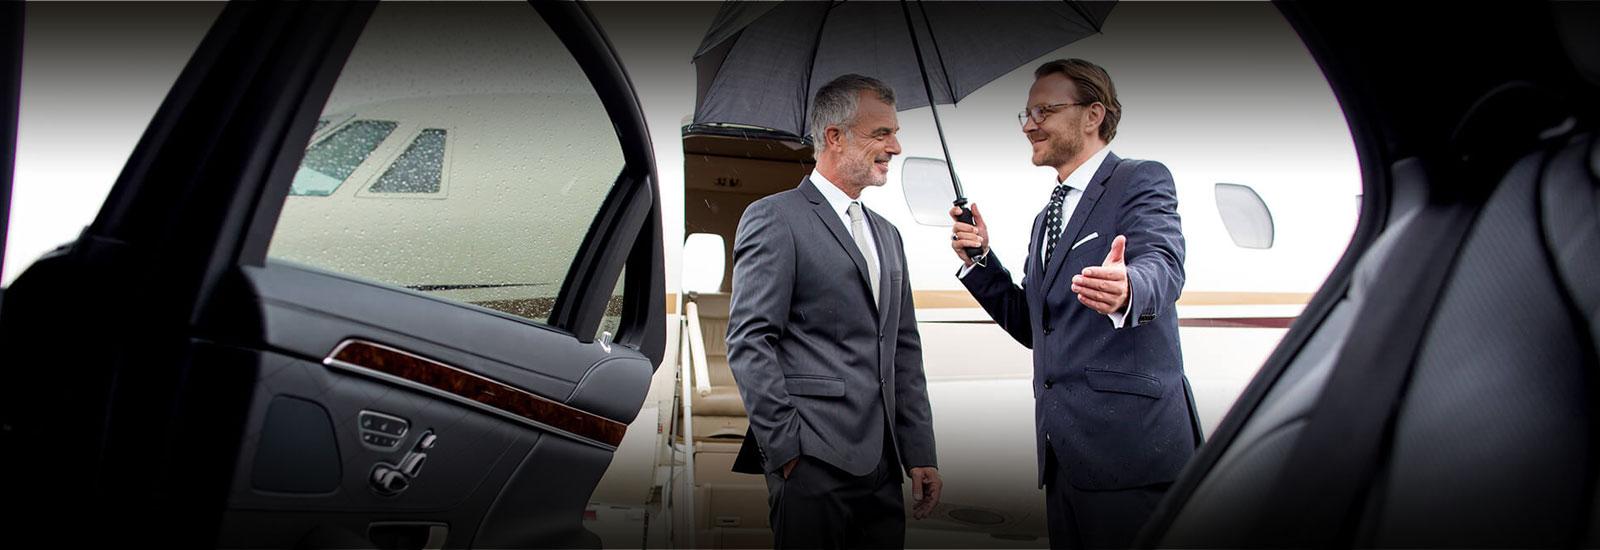 Luksusowy VIP przewóz osób Gdańsk